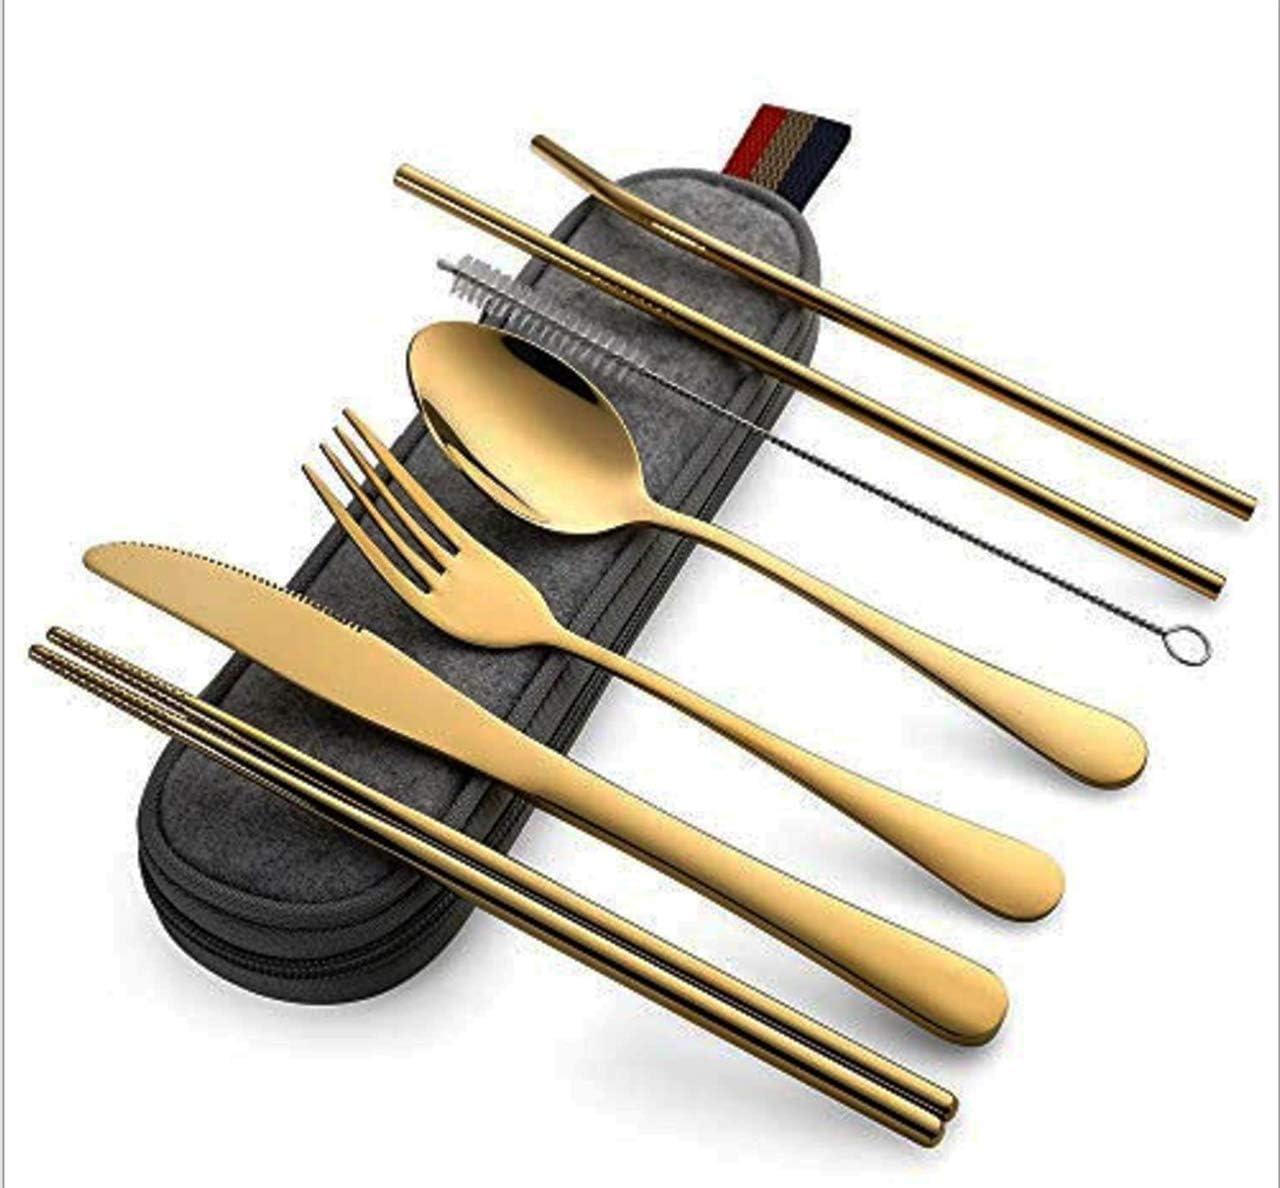 Fourchette 8 Pi/èces,dor Cuill/ère Set ensemble couverts de Table Sac Portable y Compris Couteau Pailles Rucoe Pochette Couvert Inox Camping - Baguettes Brosse de Nettoyage